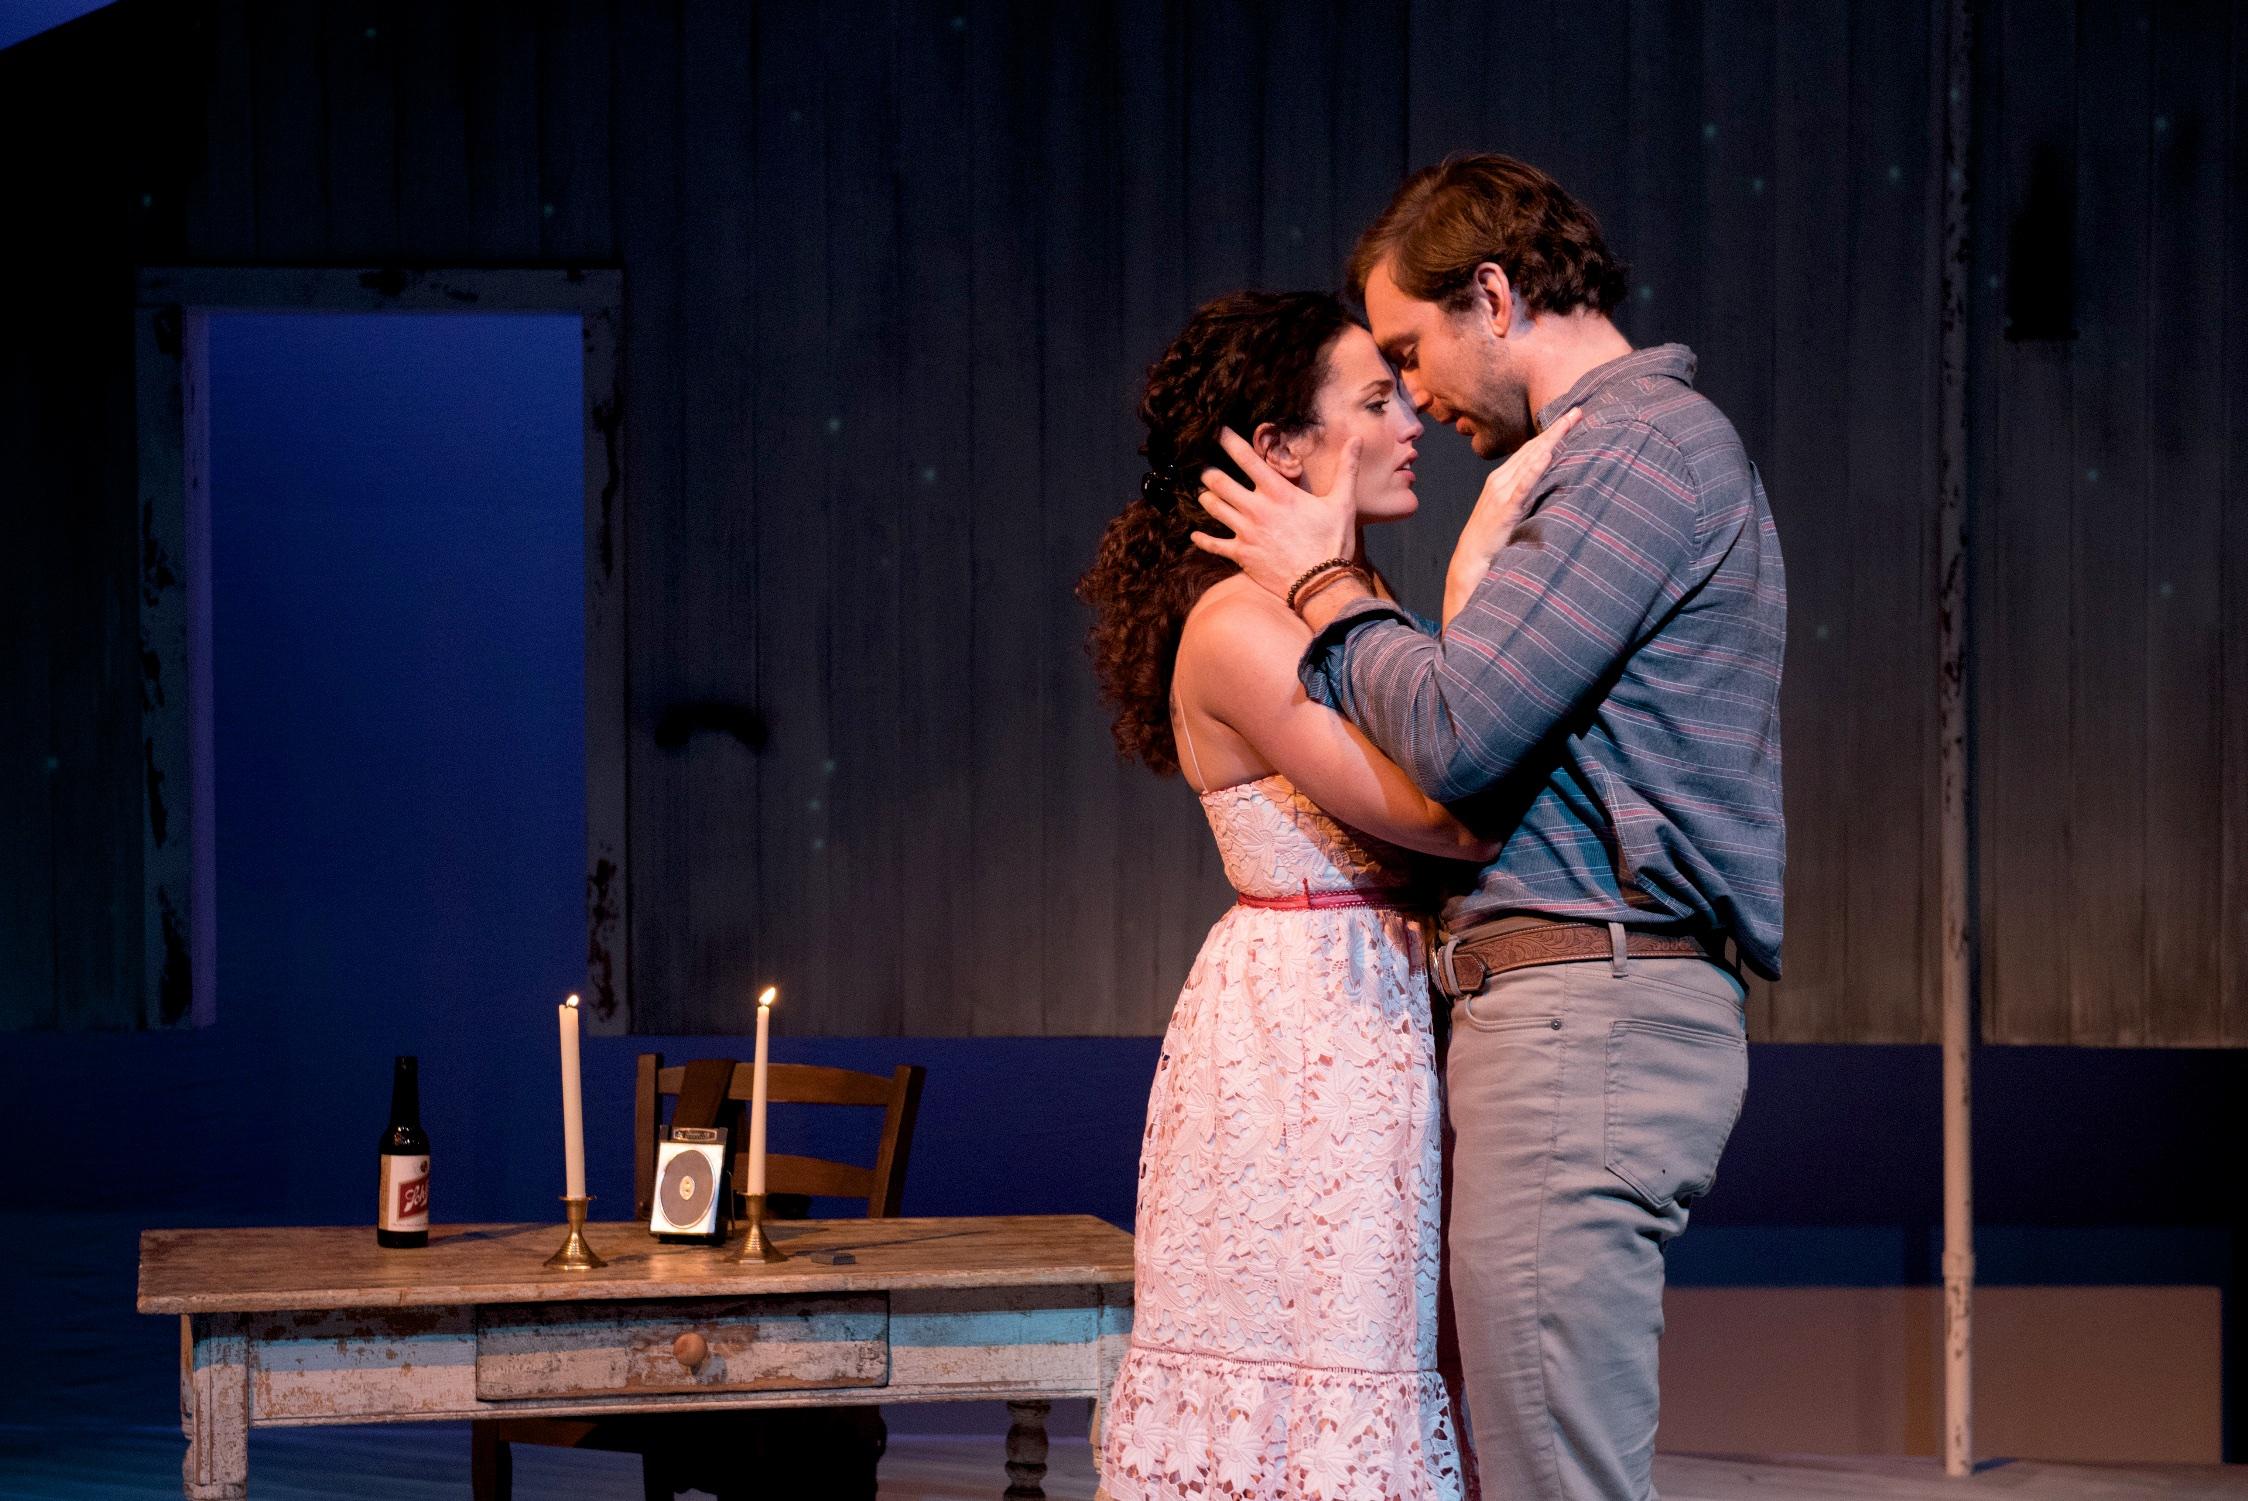 Francesca & Robert